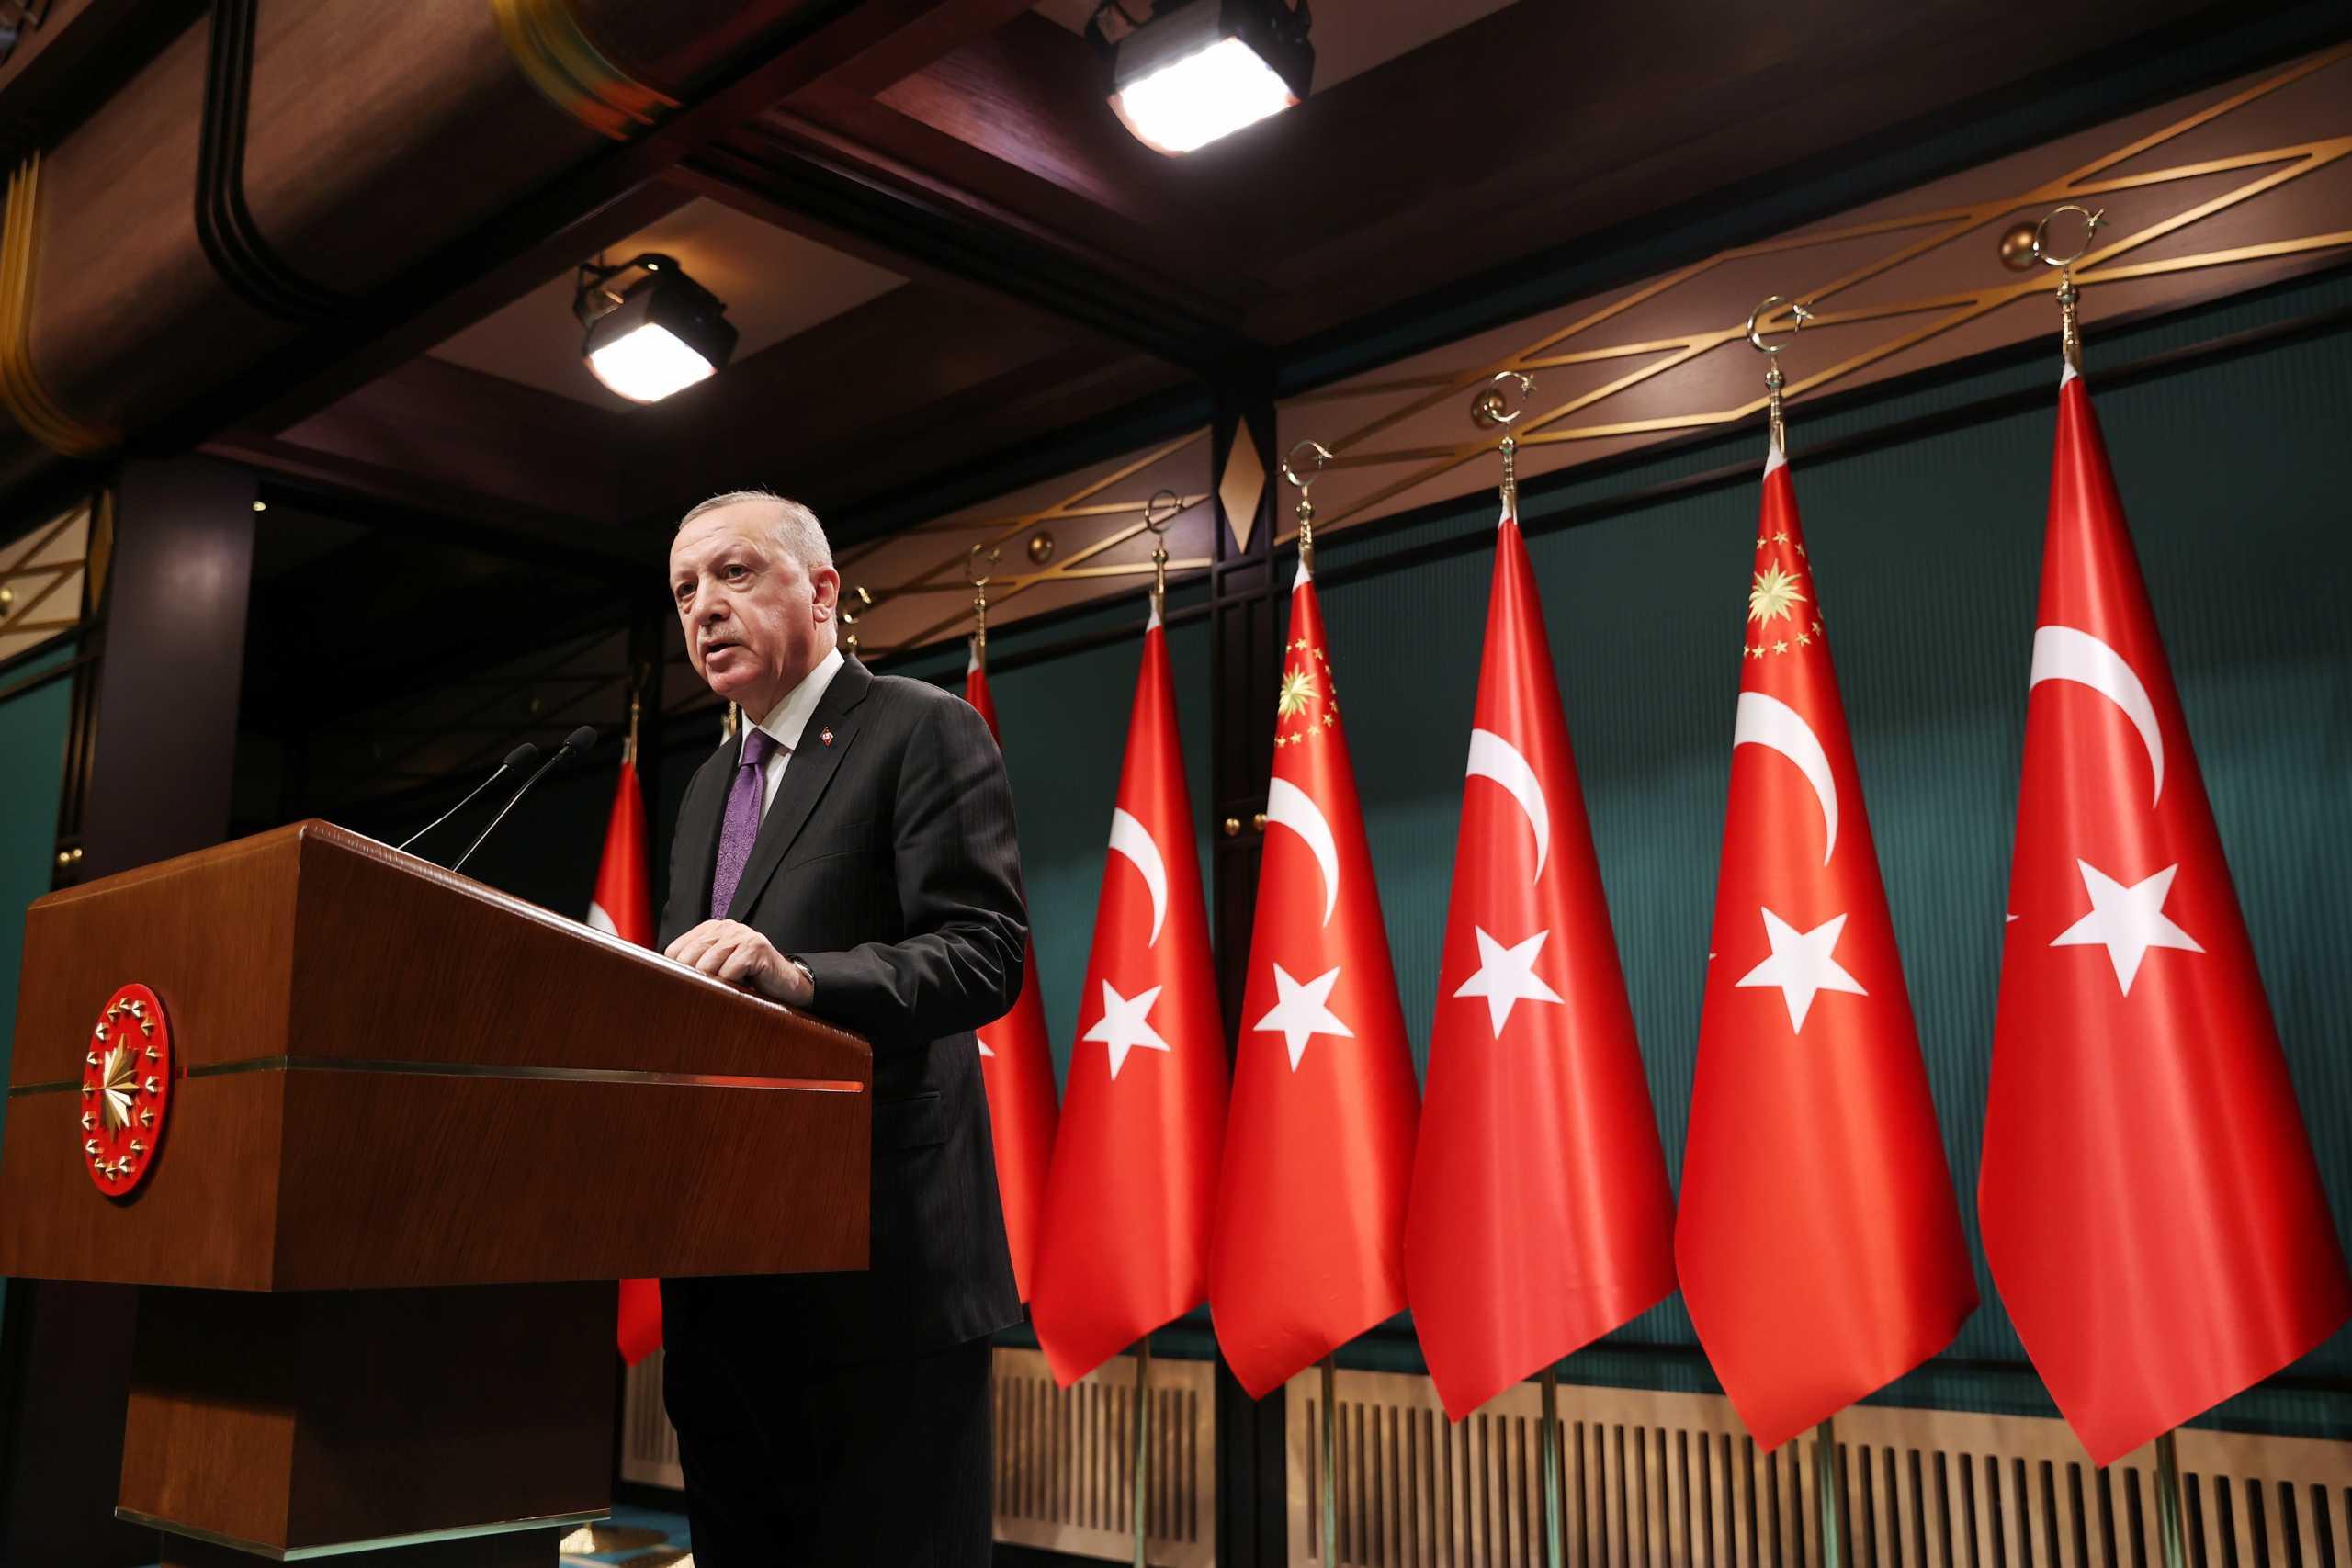 Ο Ερντογάν υπόσχεται ισχυρότερες ελευθερίες και δικαιώματα στην Τουρκία